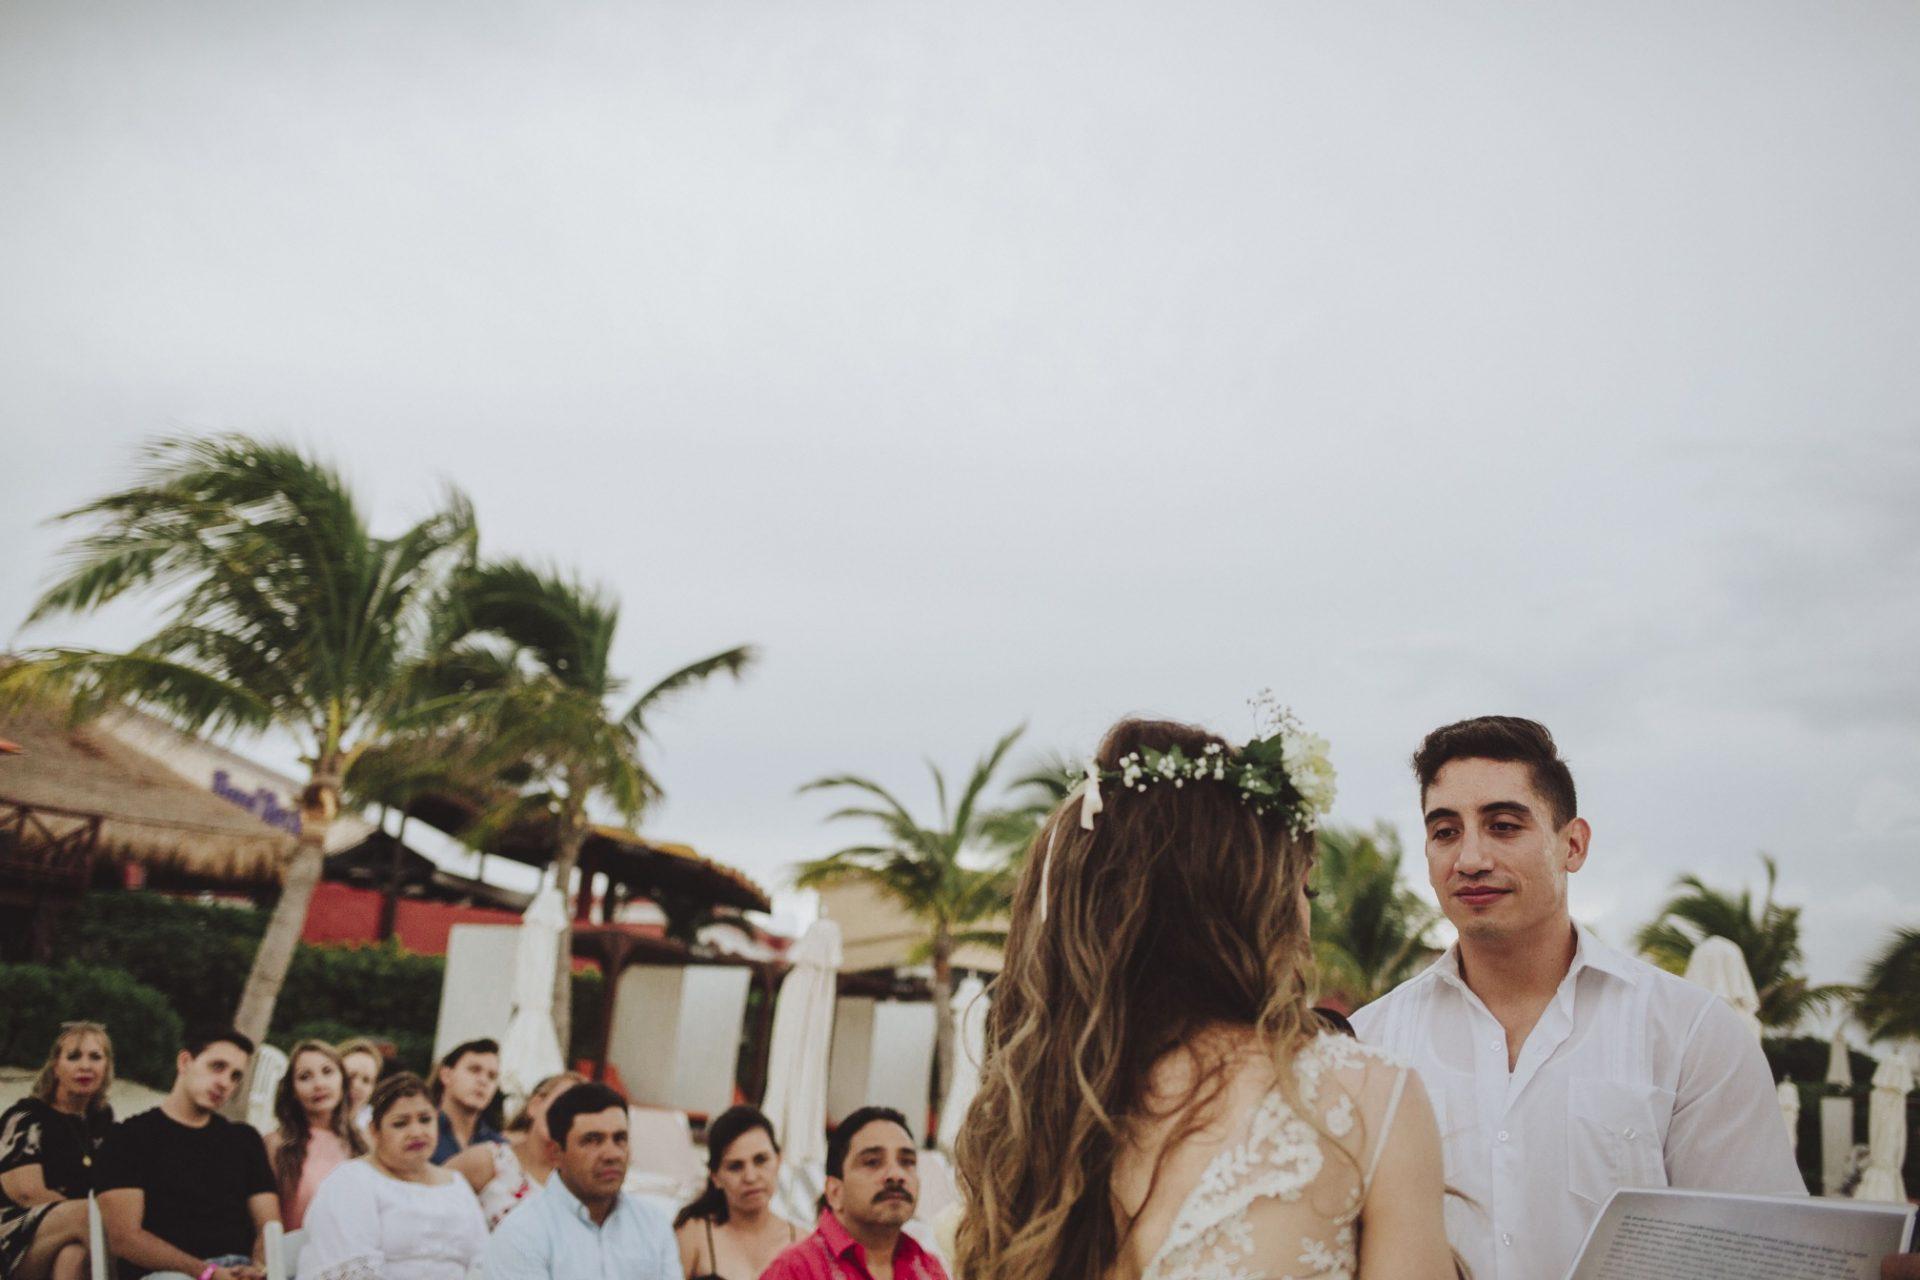 fotografo_bodas_profesional_zacatecas_riviera_maya_cancun-53